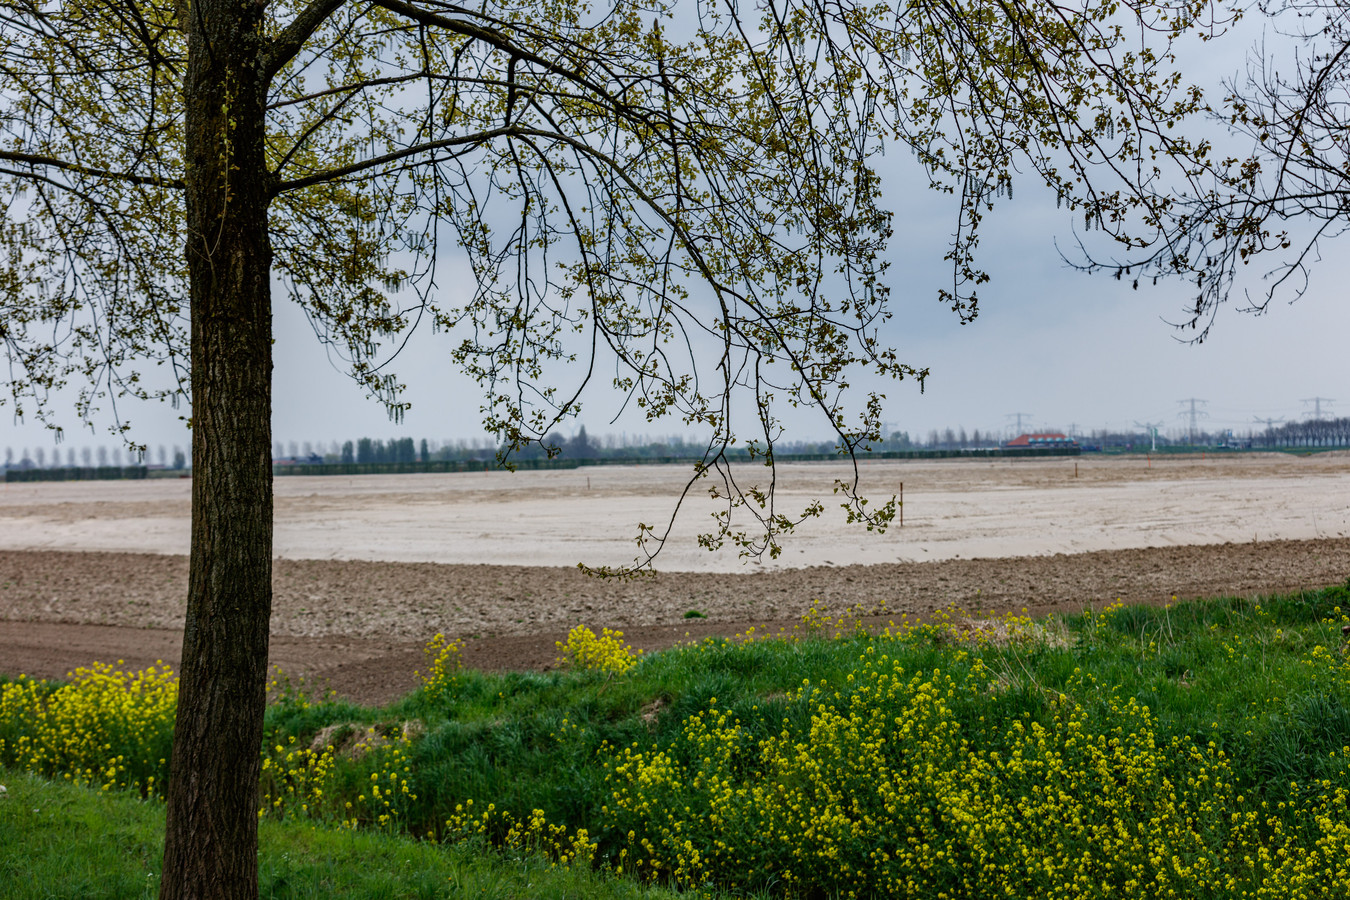 Het Havenbedrijf Moerdijk bracht eerder een gigantische hoeveelheid grond naar het toekomstige terrein van het Logistiek Park Moerdijk. Maar het LPM zelf wil maar niet van de grond komen.